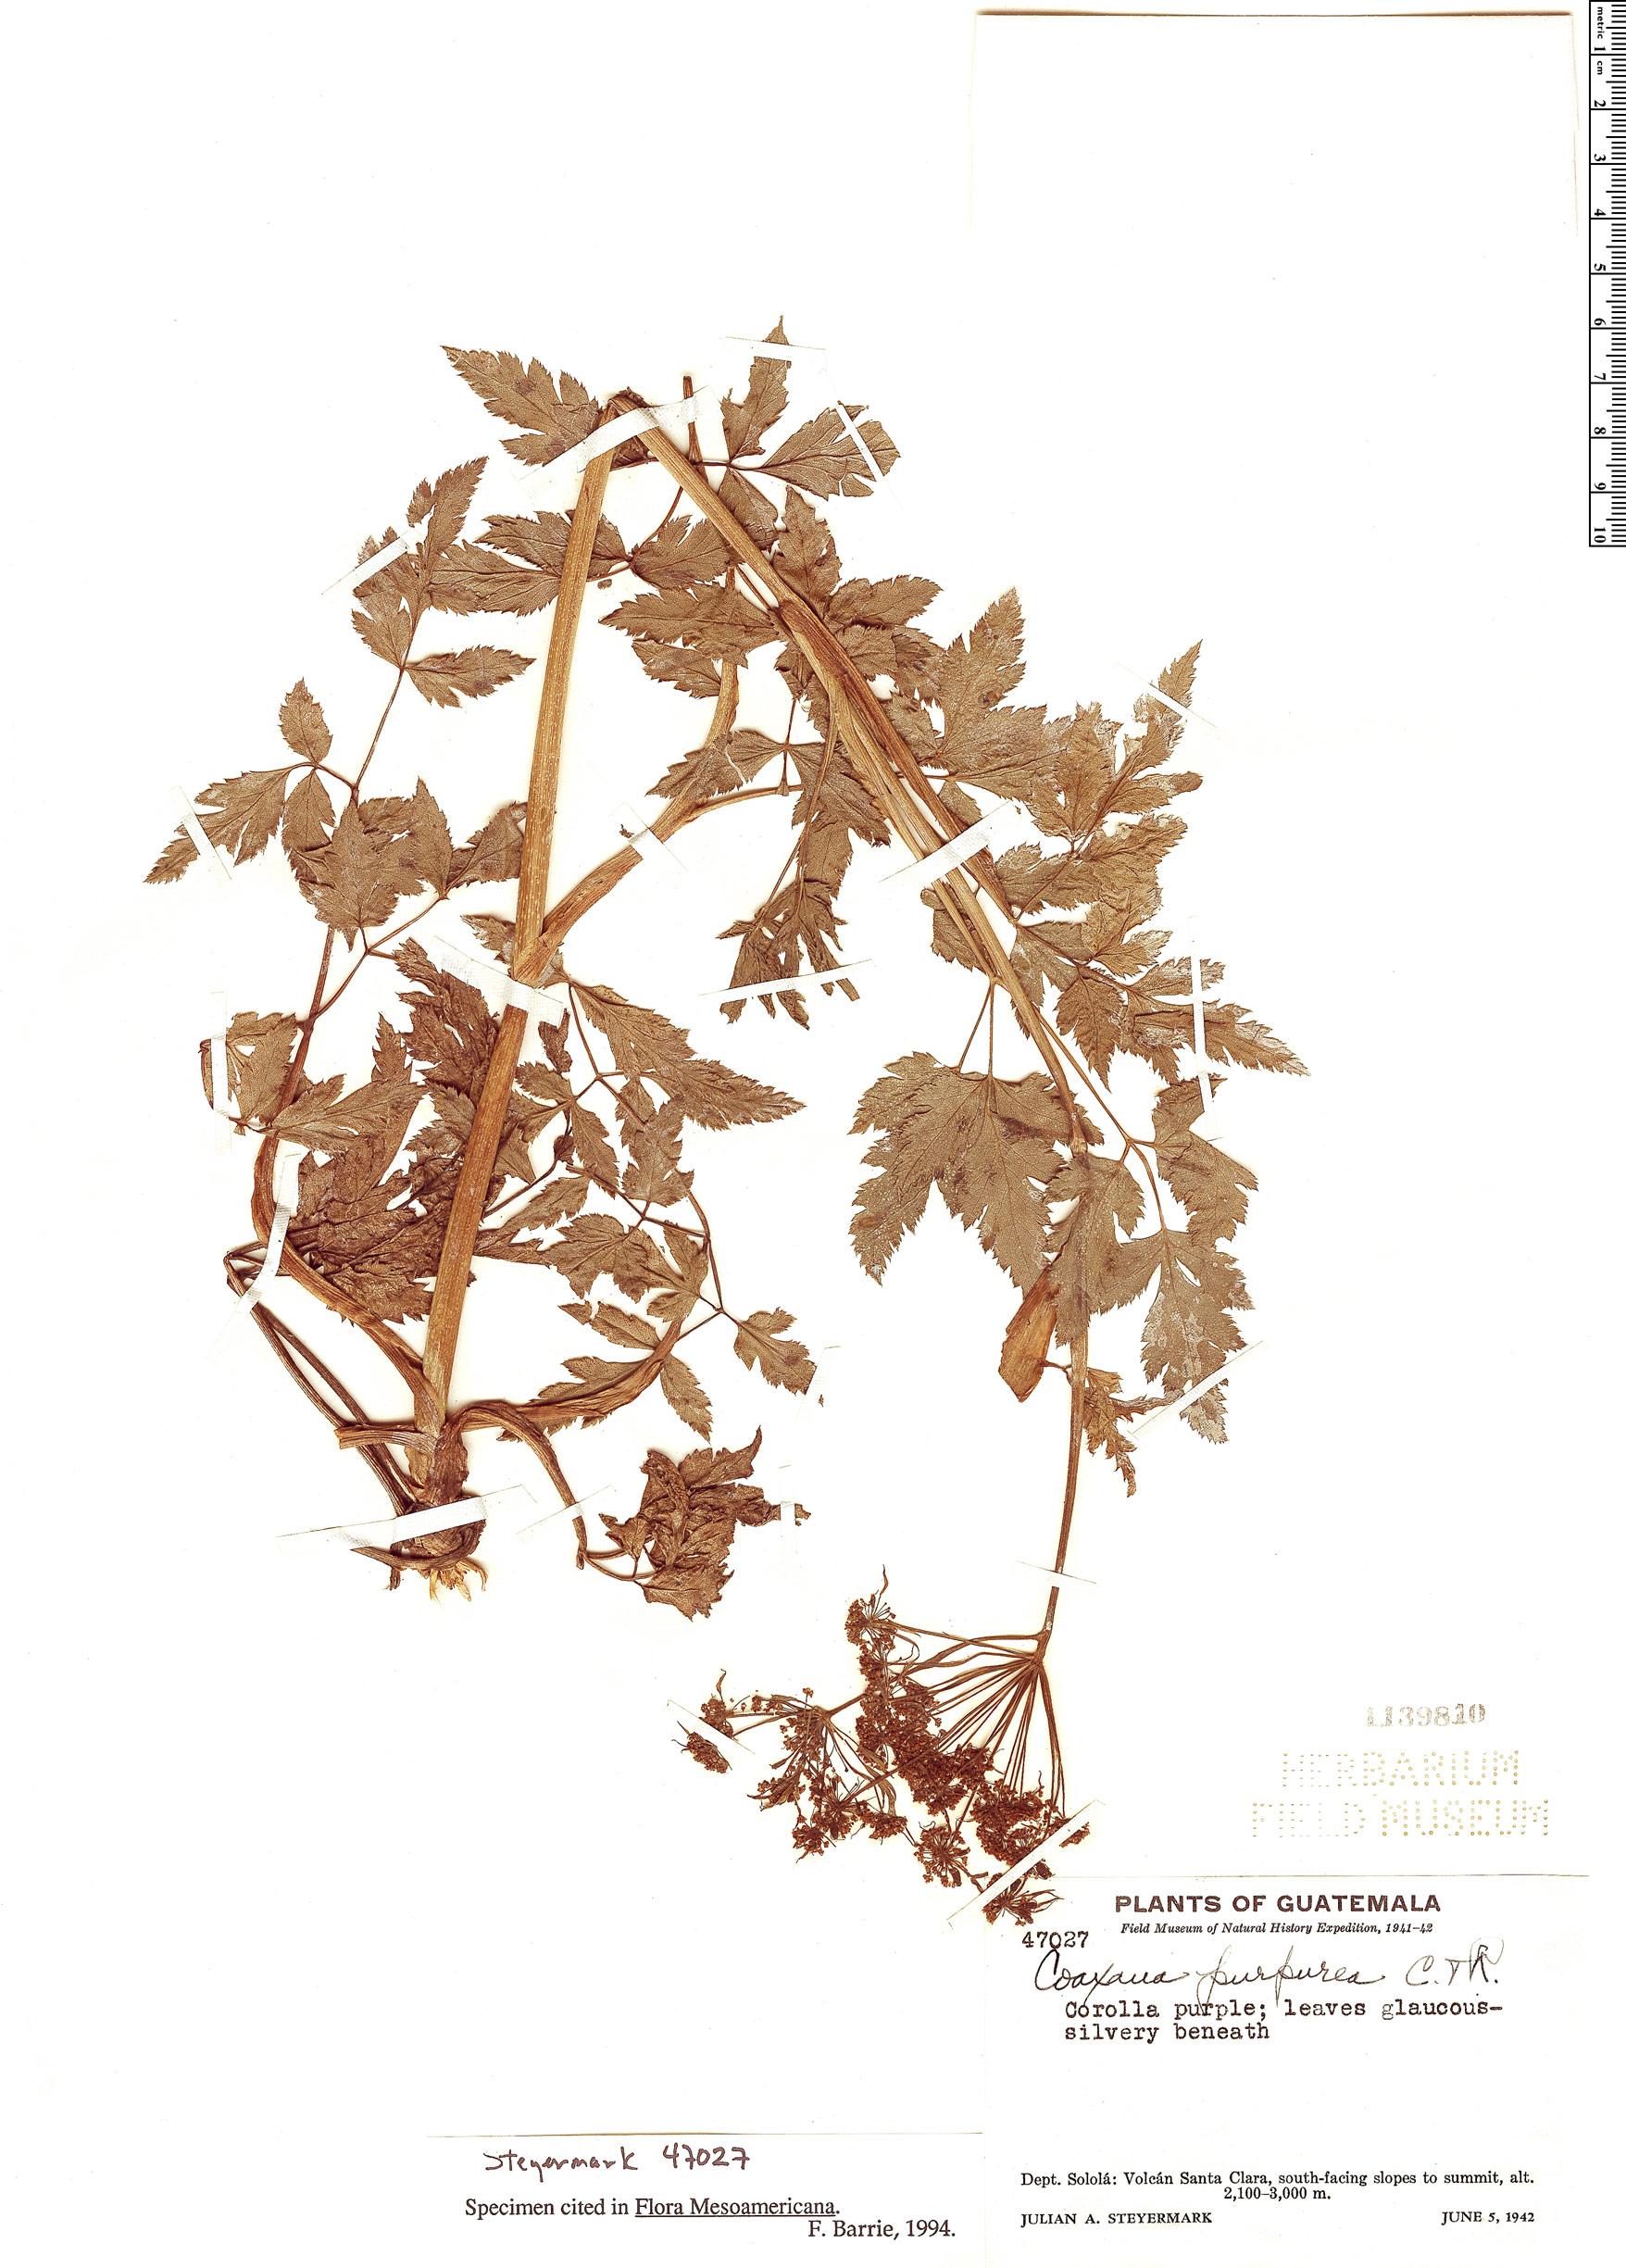 Specimen: Coaxana purpurea